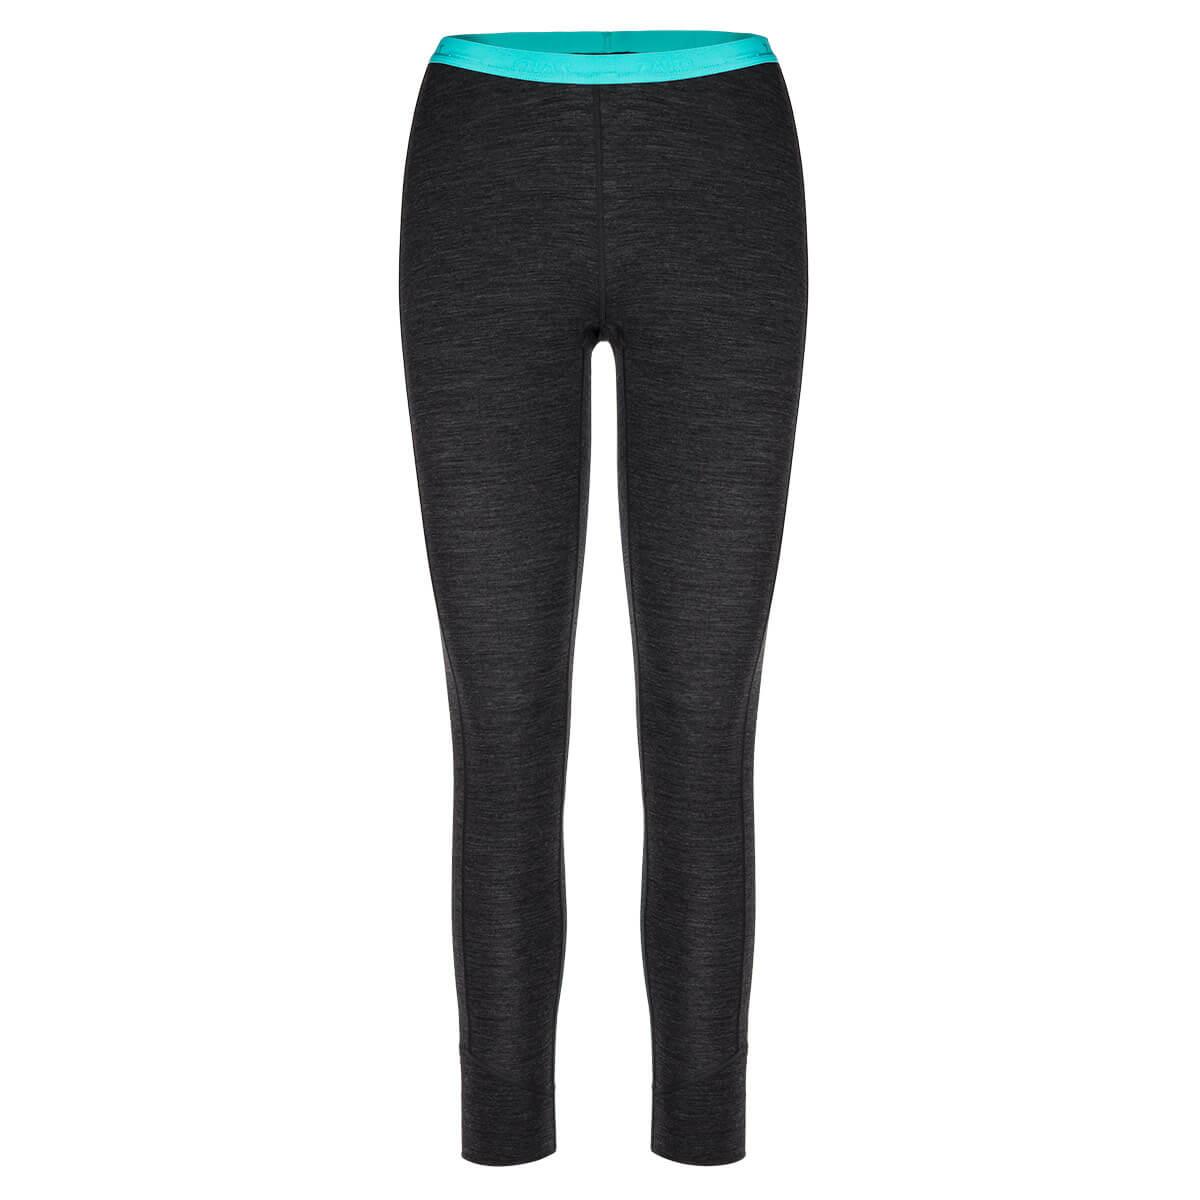 Dámske spodné prádlo Zajo Elsa Merino Nylon W Pants Black - veľkosť XL